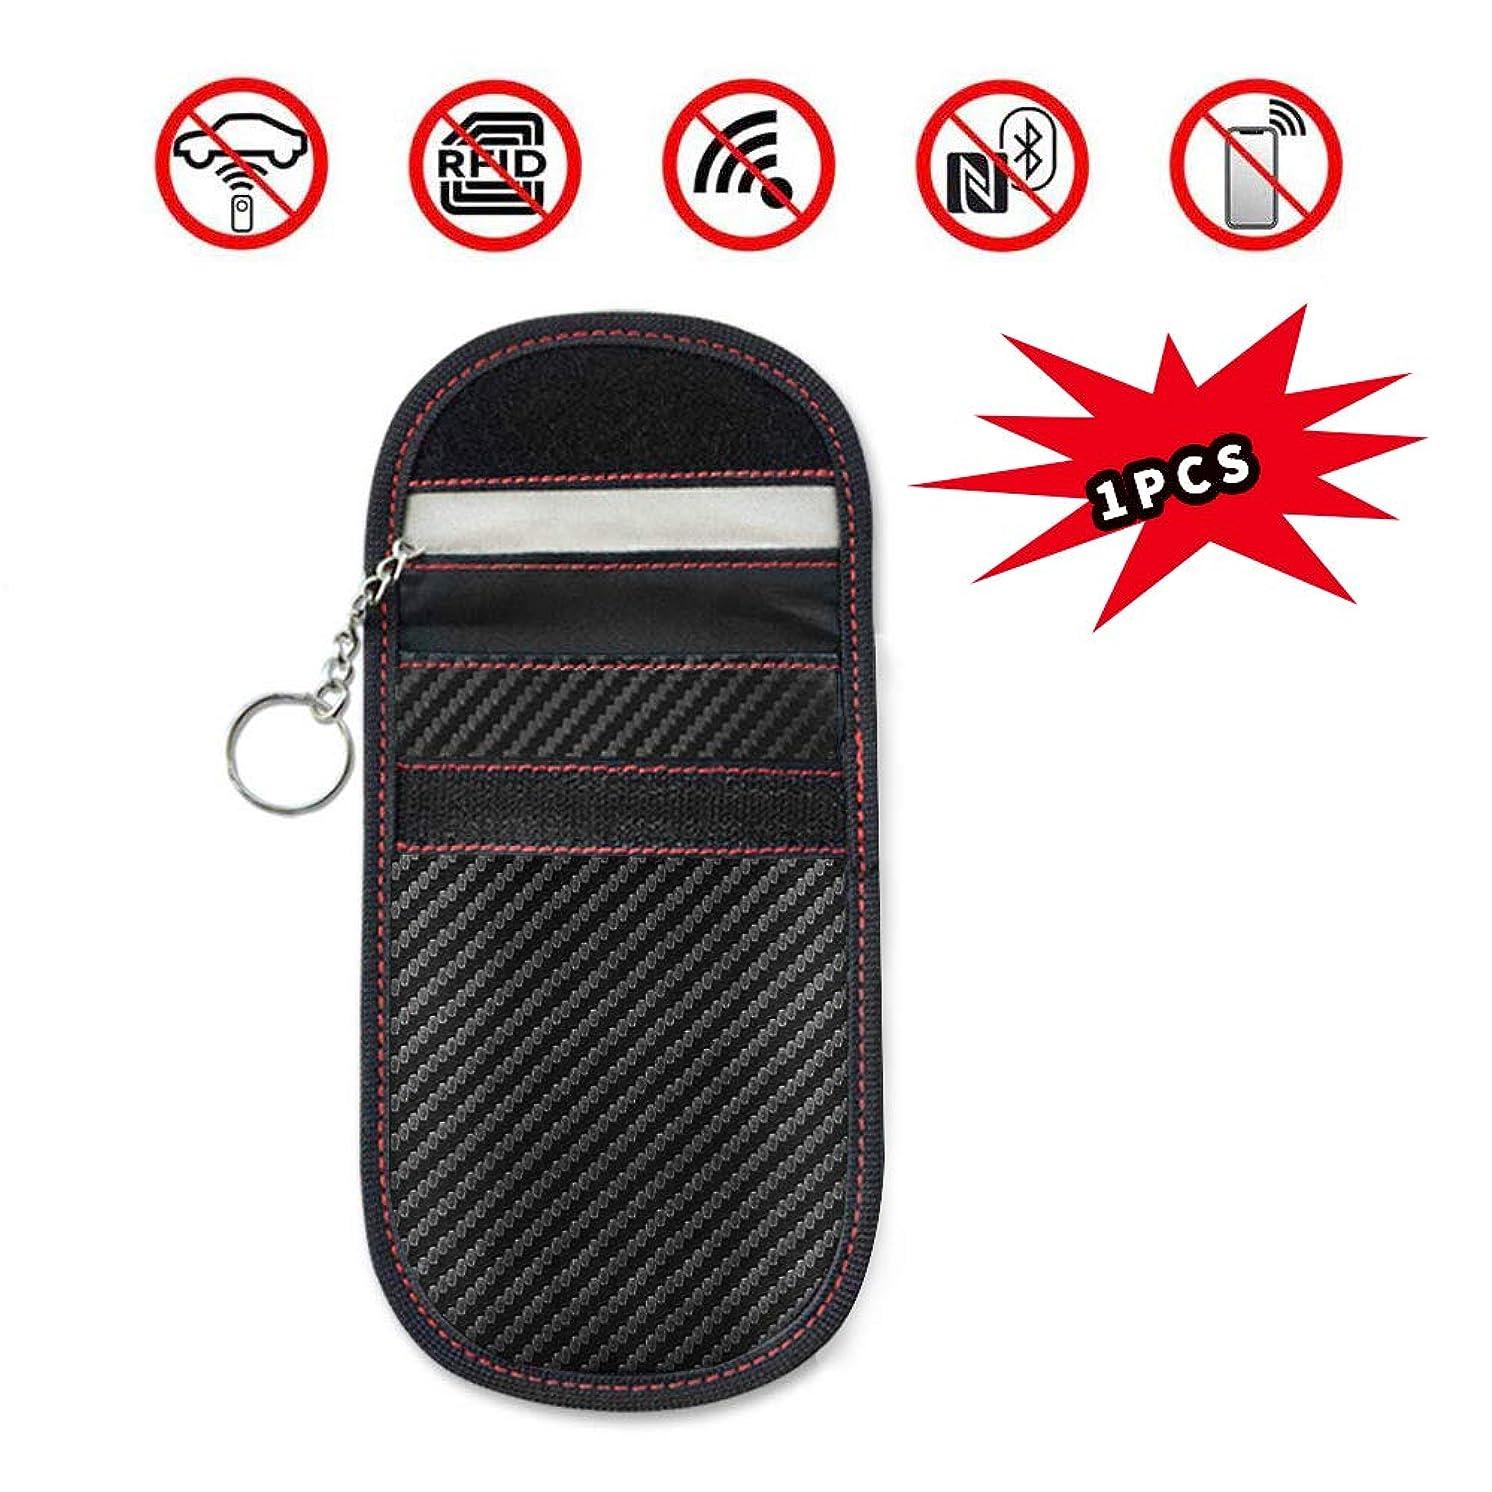 カヌー持つ滑り台最新版スマートキーケース 100%電波遮断ポーチ 盗難防止 お手入れ簡単なキーケース 高級皮革 サイズ選び可能 17インチ リレーアタック対策 カーセキュリティ キーケース スキミング防止